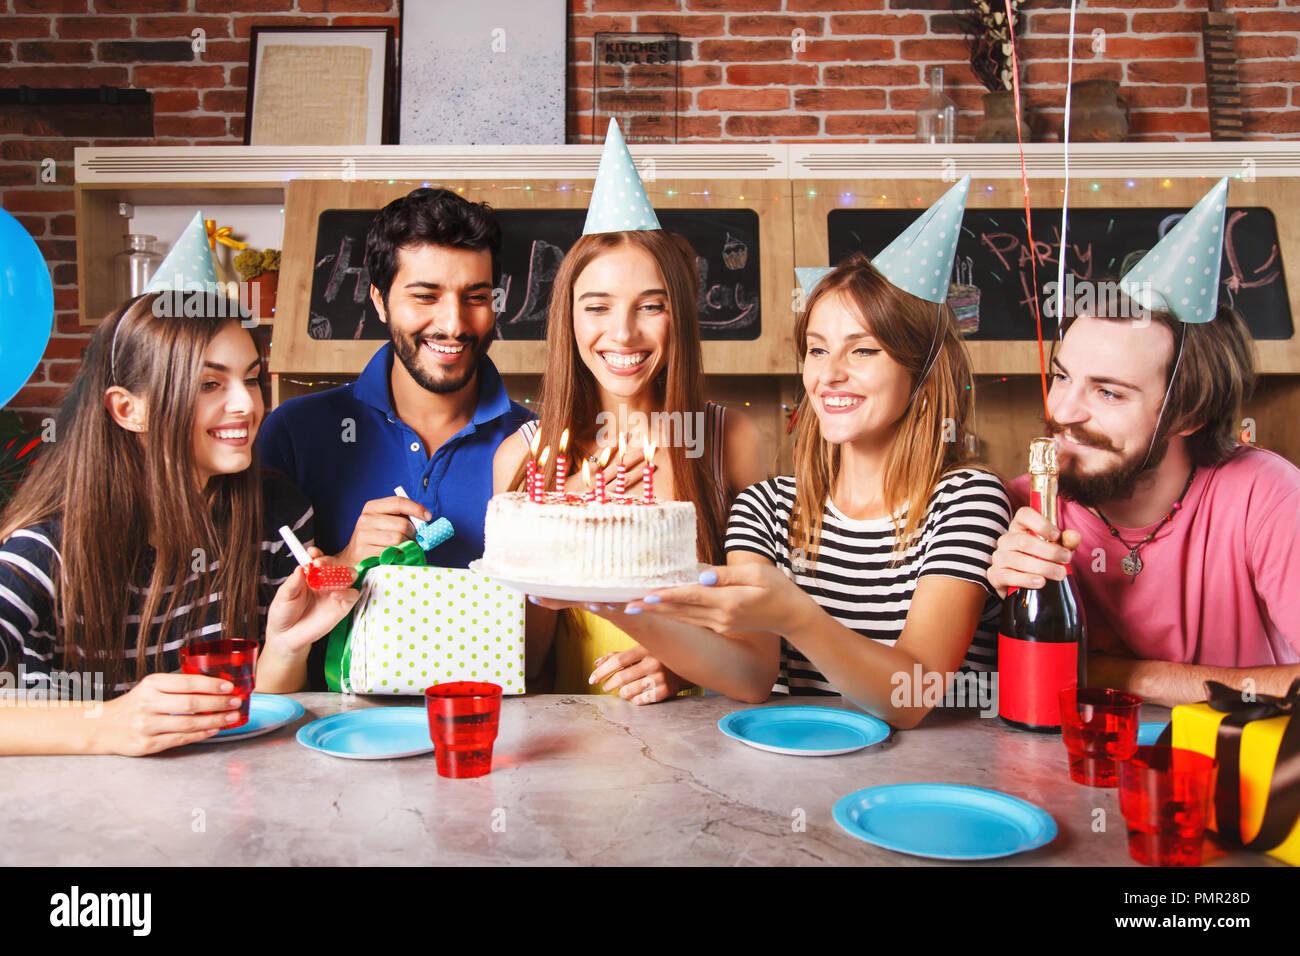 Emocionados mujer listos para soplar las velas en blanco glaseado pastel sobre la mesa en la fiesta de cumpleaños con amigos feliz Imagen De Stock